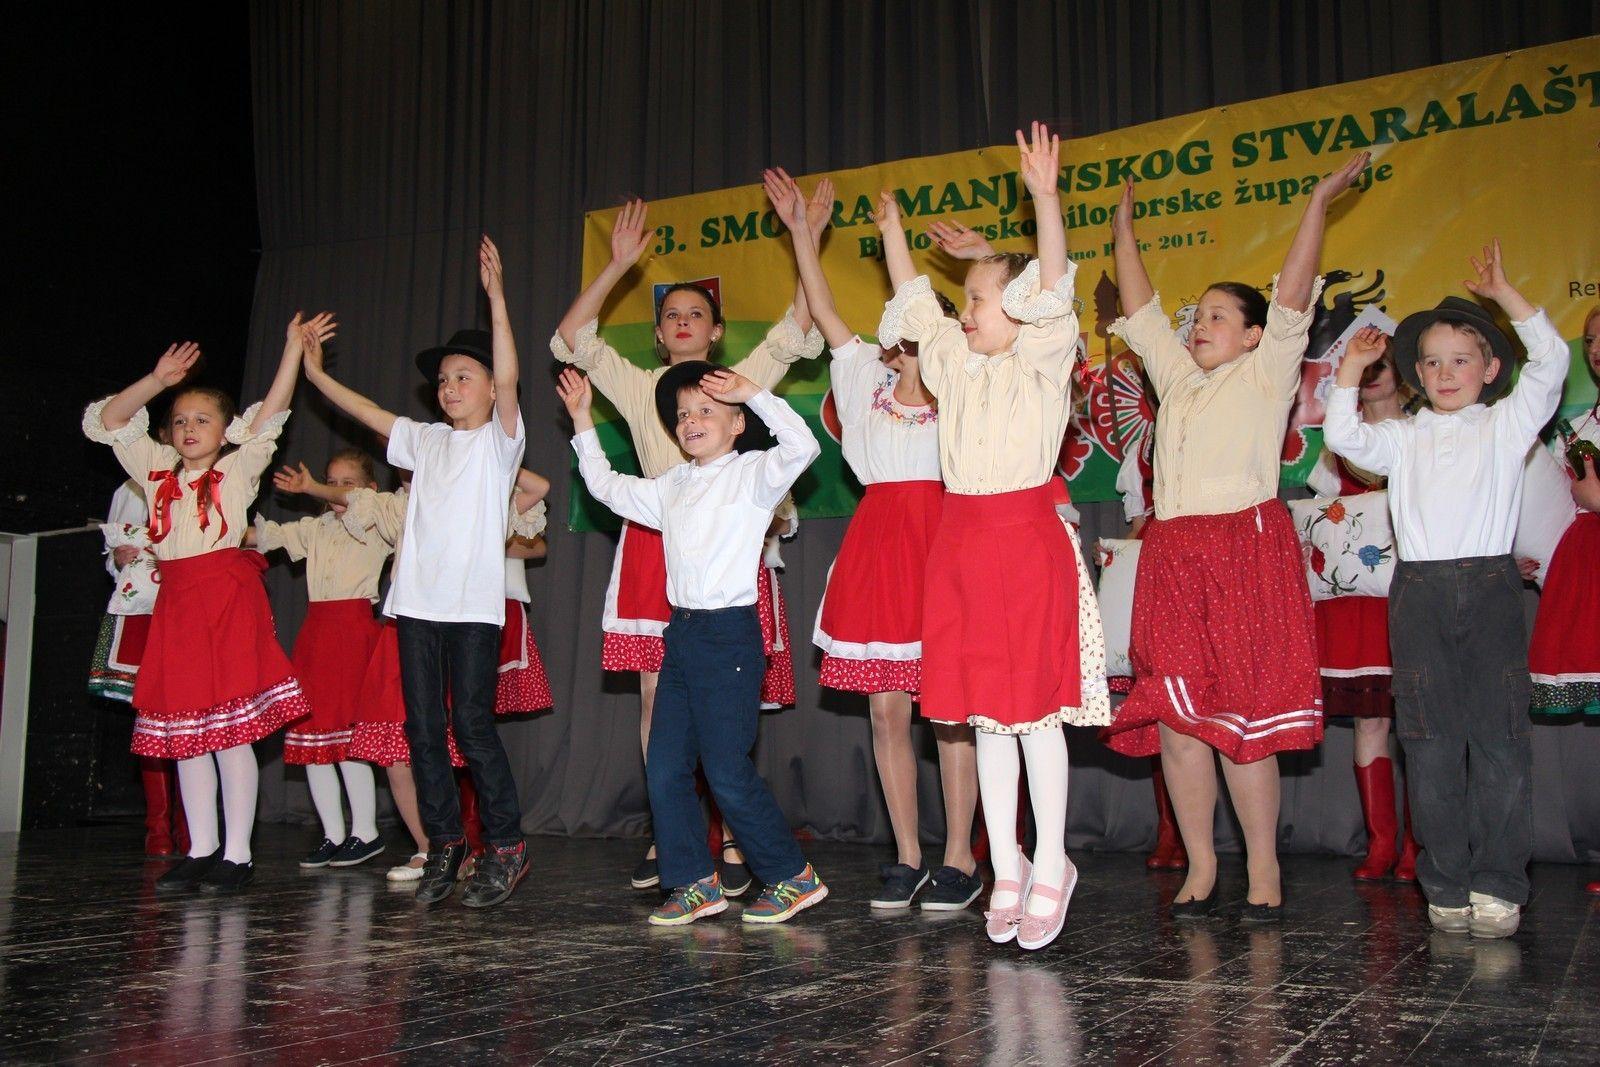 Održana 3. Smotra manjinskog stvaralaštva Bjelovarsko-bilogorske županije